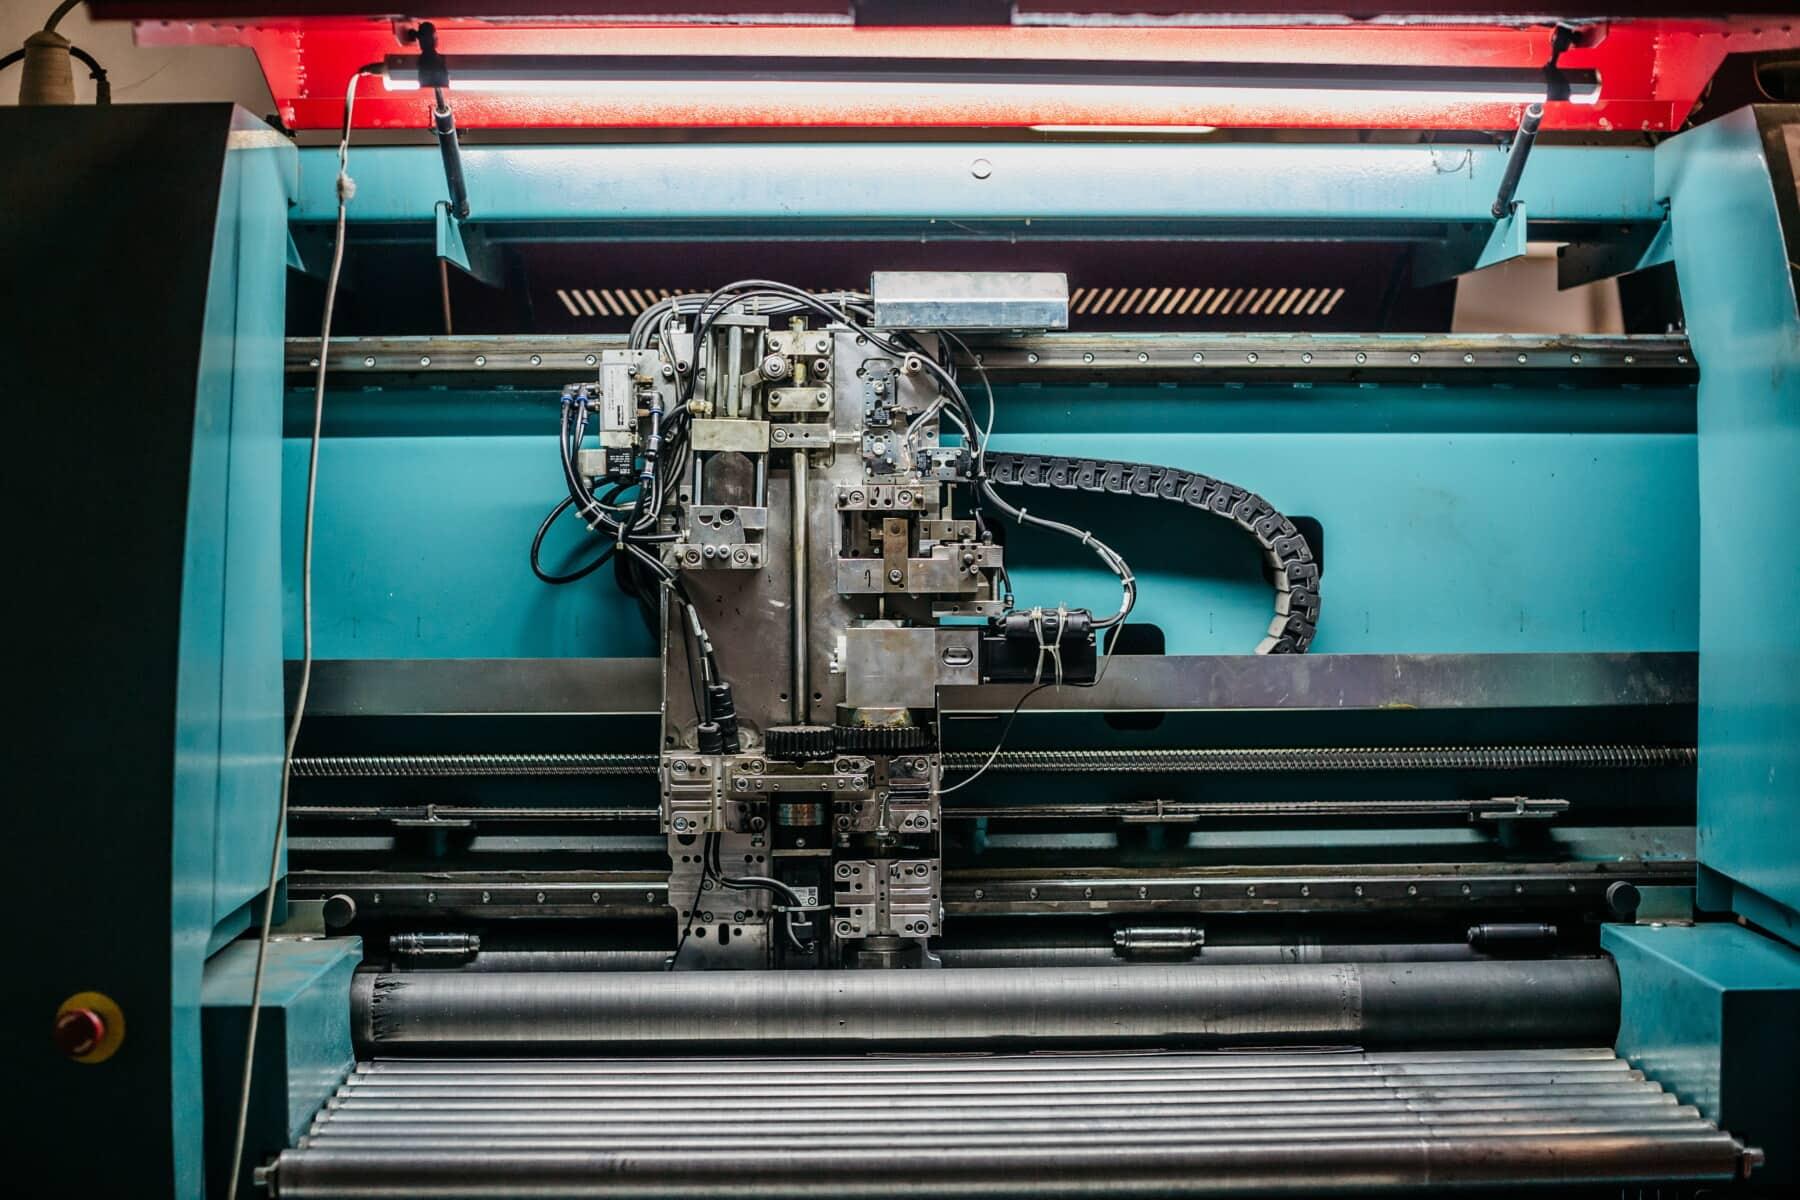 industrielle, Robot, Ingenieurwesen, Maschine, Branche, Produktivität, Factory, Ausrüstung, Technologie, Maschinen